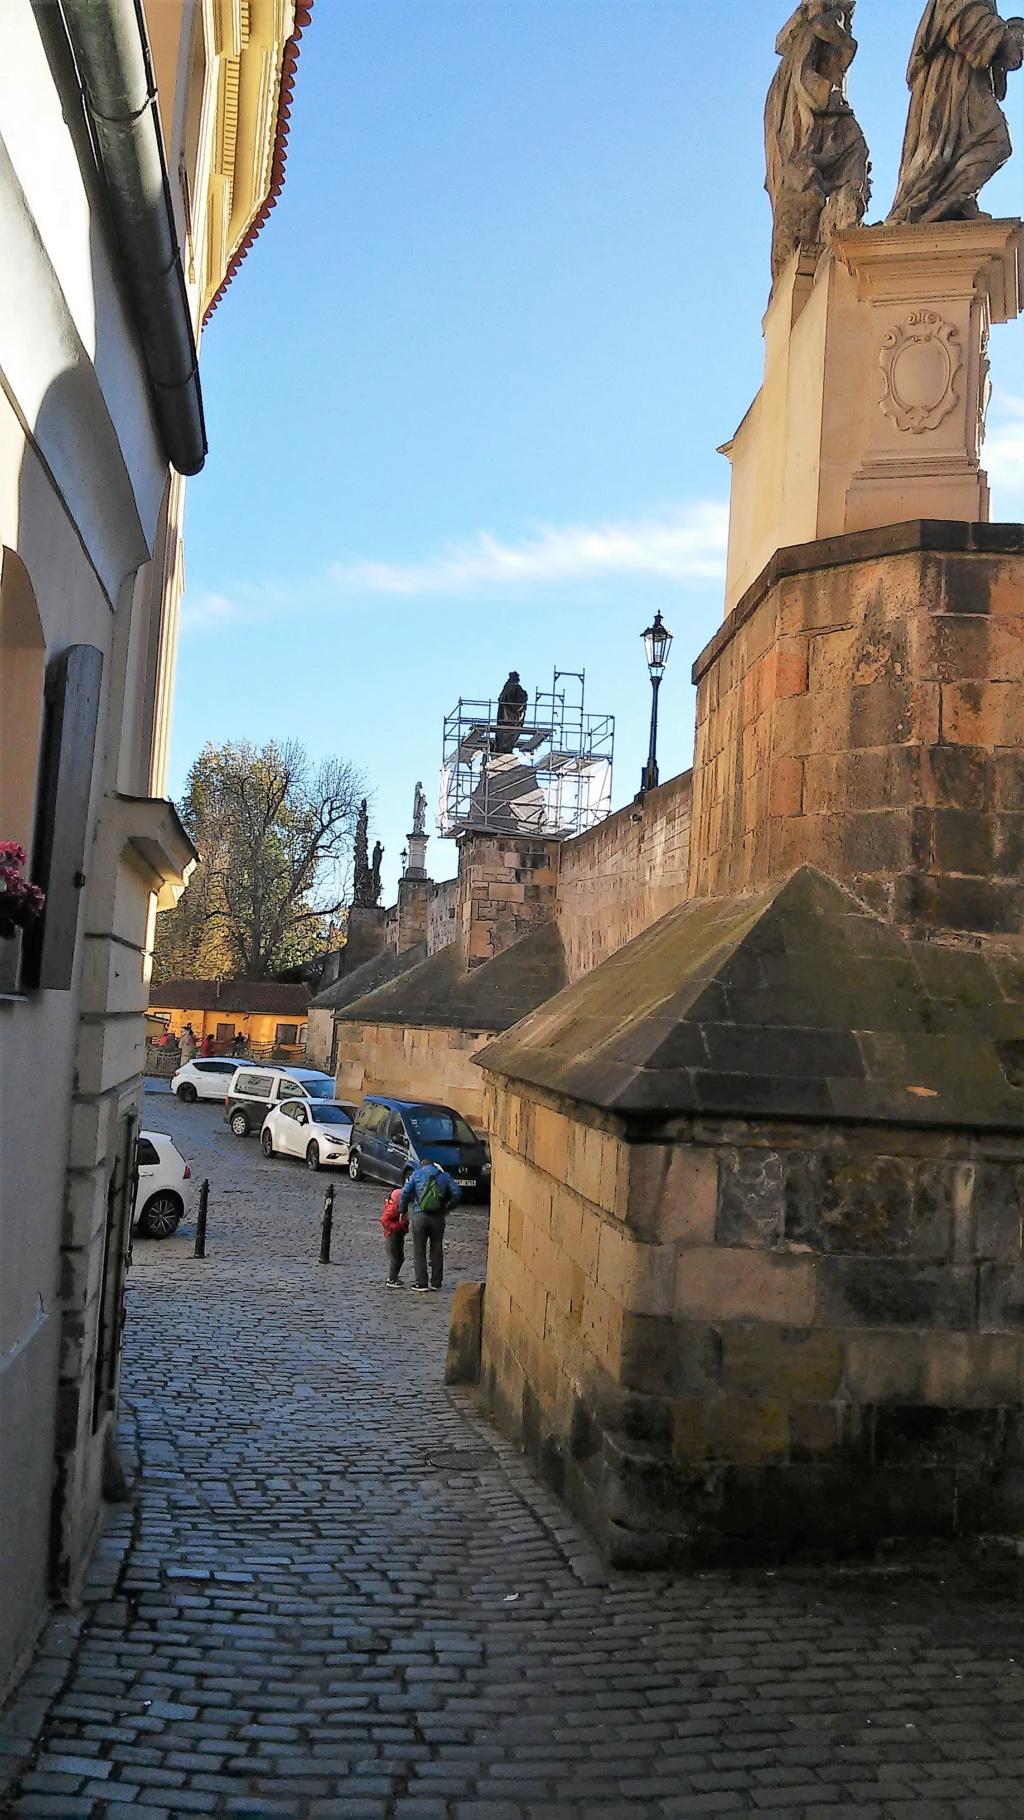 En visite à Prague pour l'impératrice Marie-Thérèse, l'empereur Joseph II, Marie-Thérèse Charlotte de France, le roi français Charles X et la famille française Rohan-Guémen,president France E. Macron. - Page 4 20181198